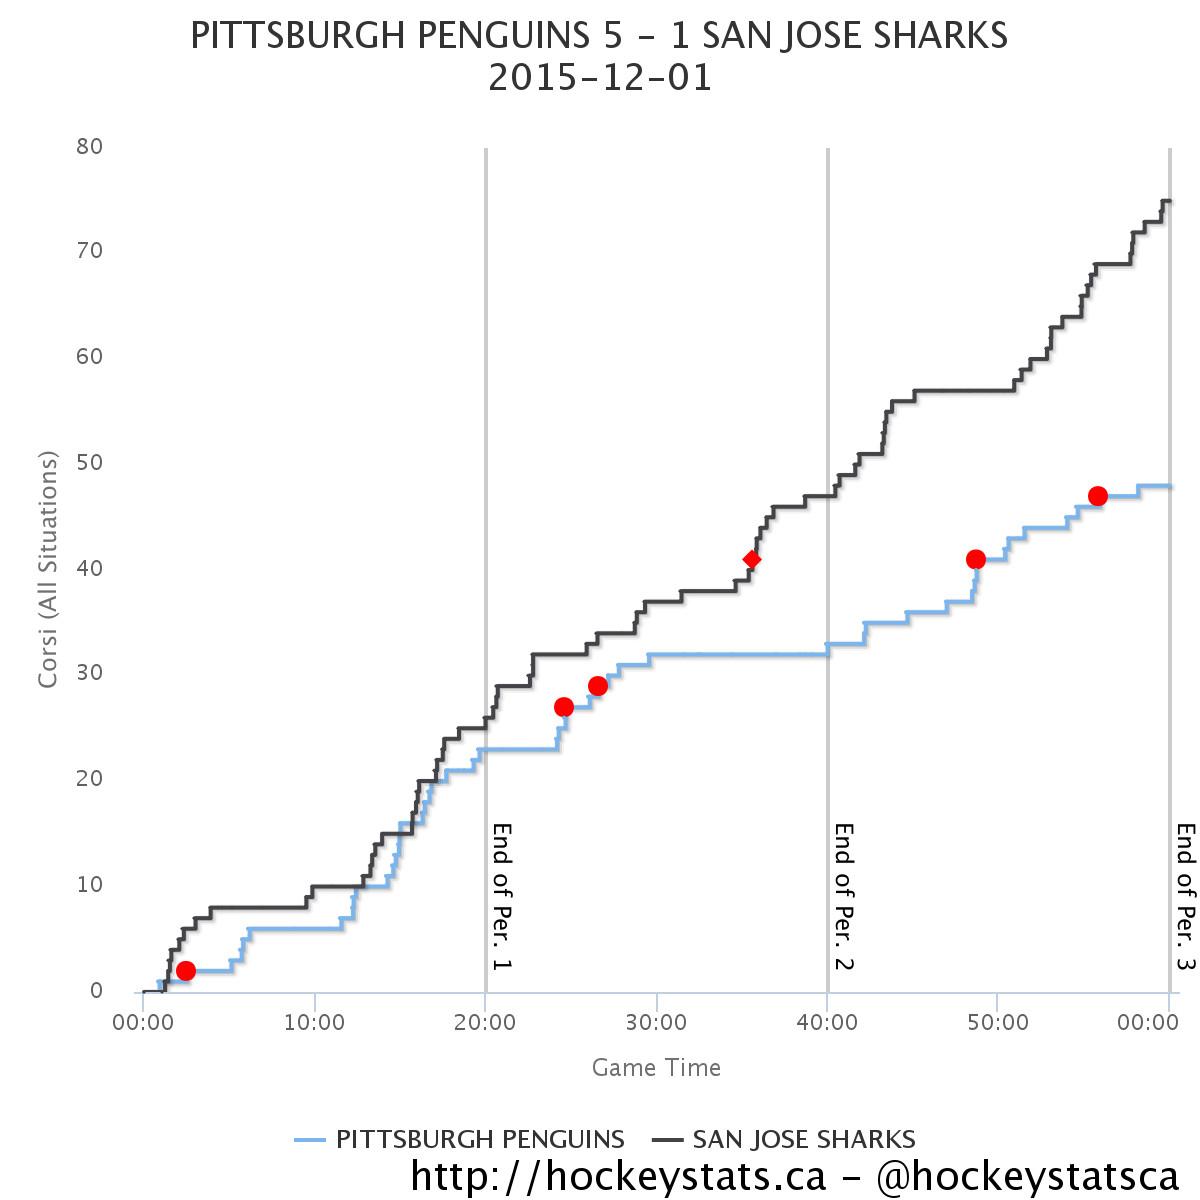 hockeystats.ca Sharks Pens